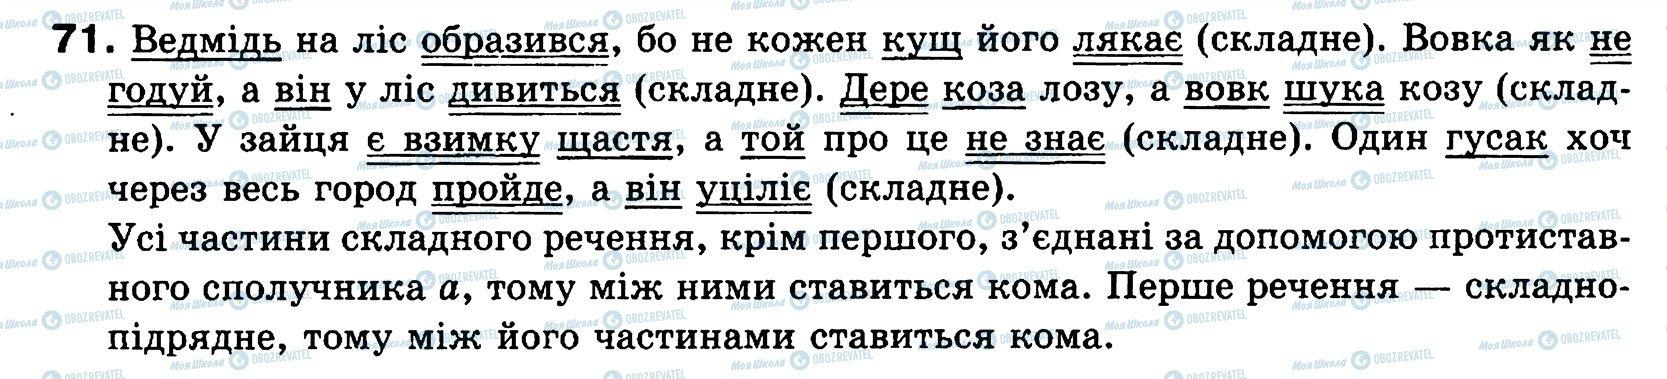 ГДЗ Українська мова 8 клас сторінка 71